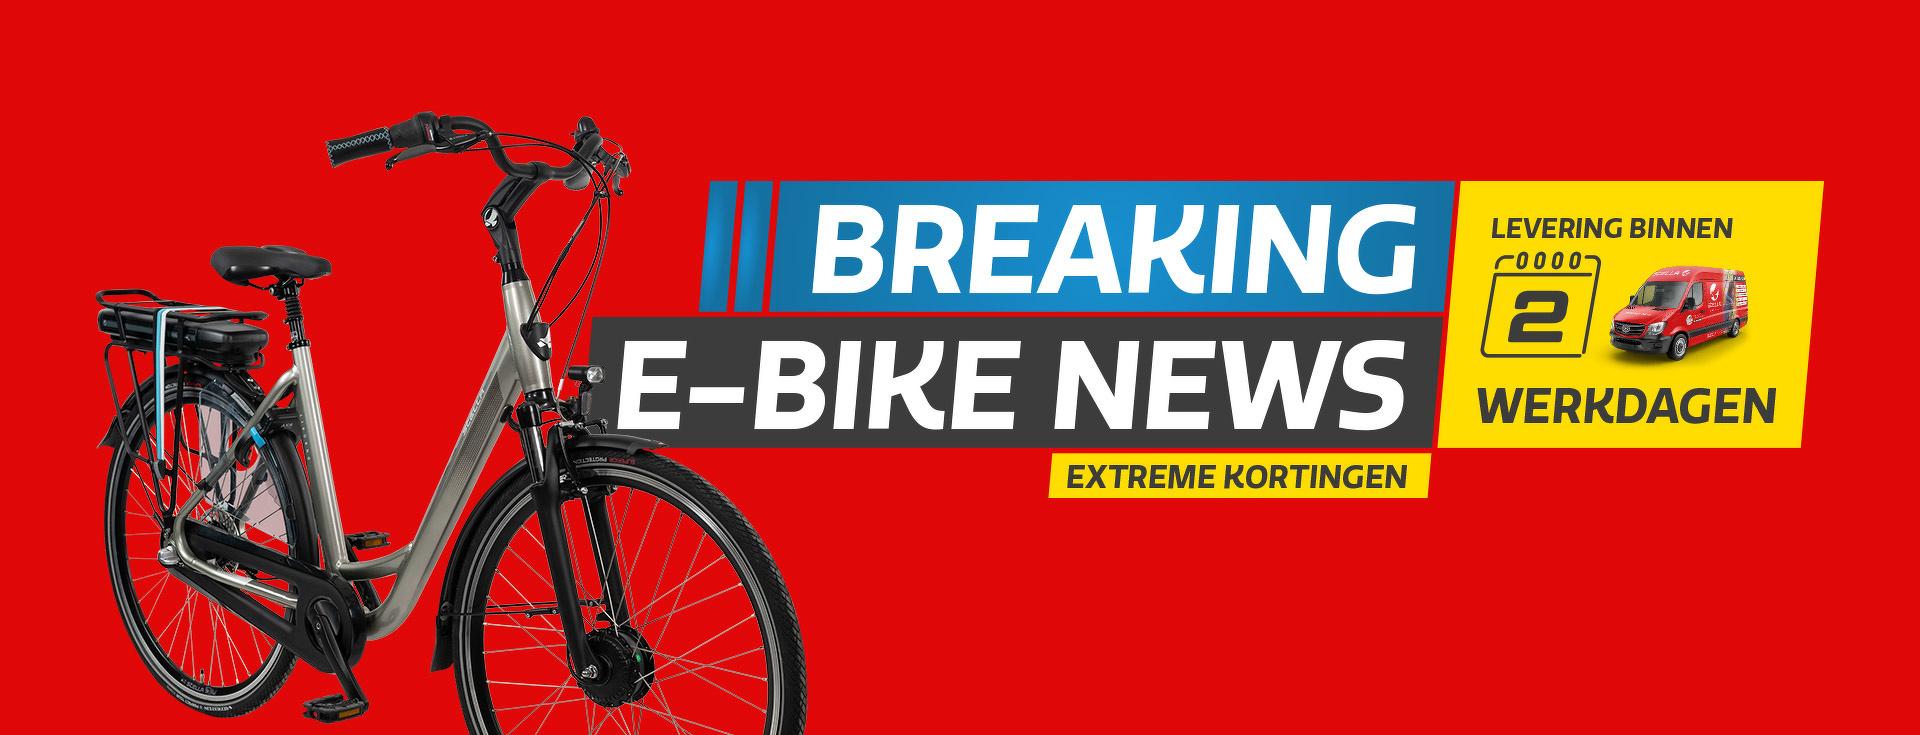 Breaking E-bike News DPG